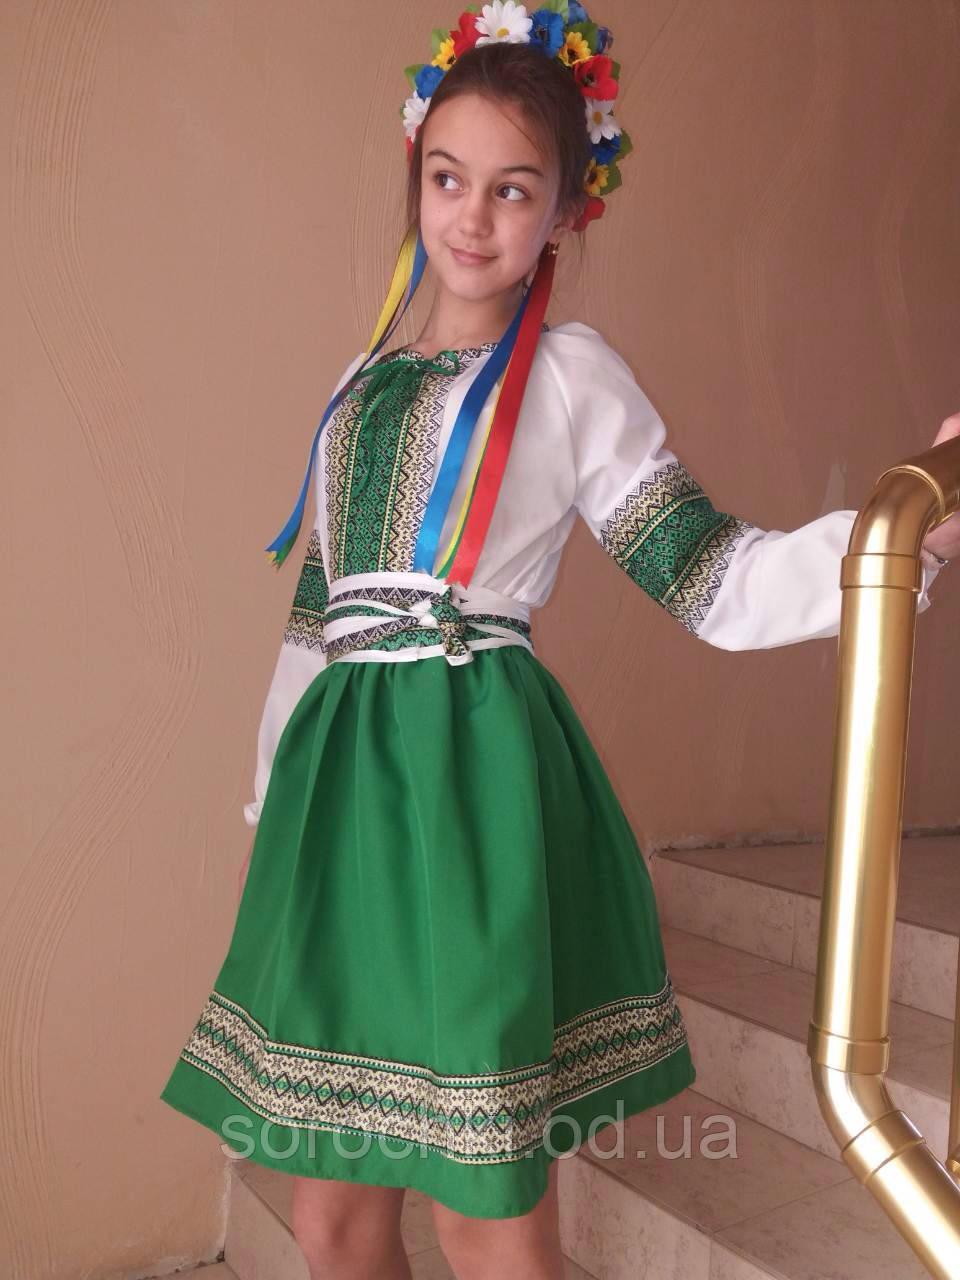 Вышиванка для девочки костюм , блузка поплин белая , юбка габардин зеленый , прокат